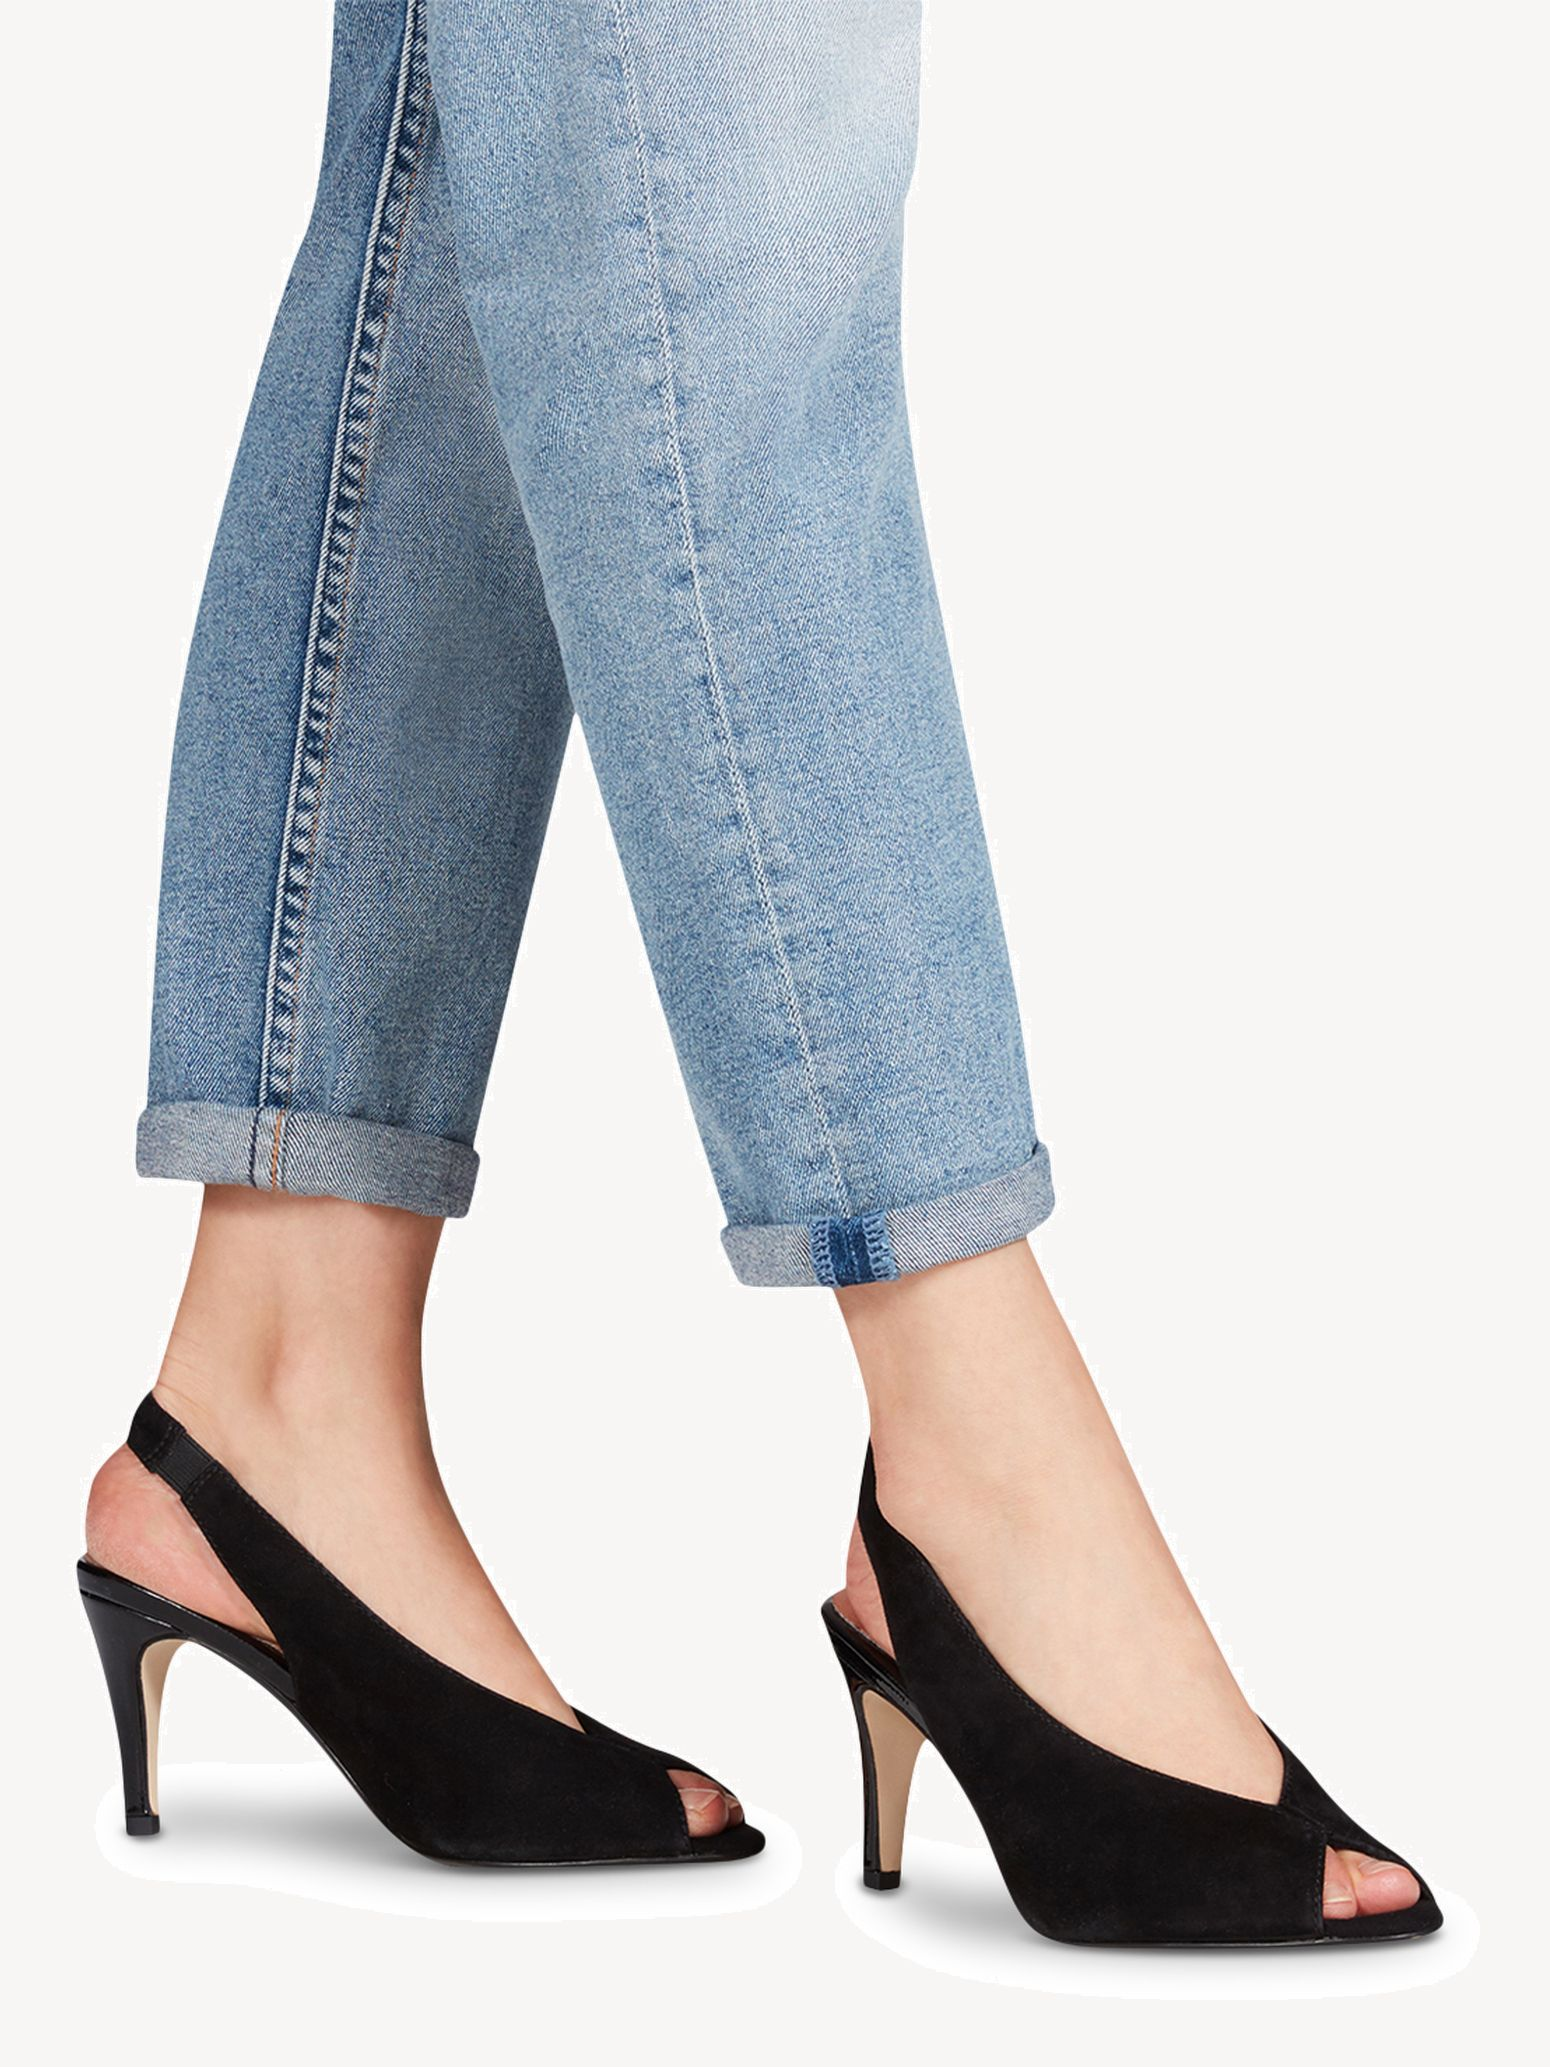 Leather High Heel 1 1 22433 21: Buy Tamaris High heels online!